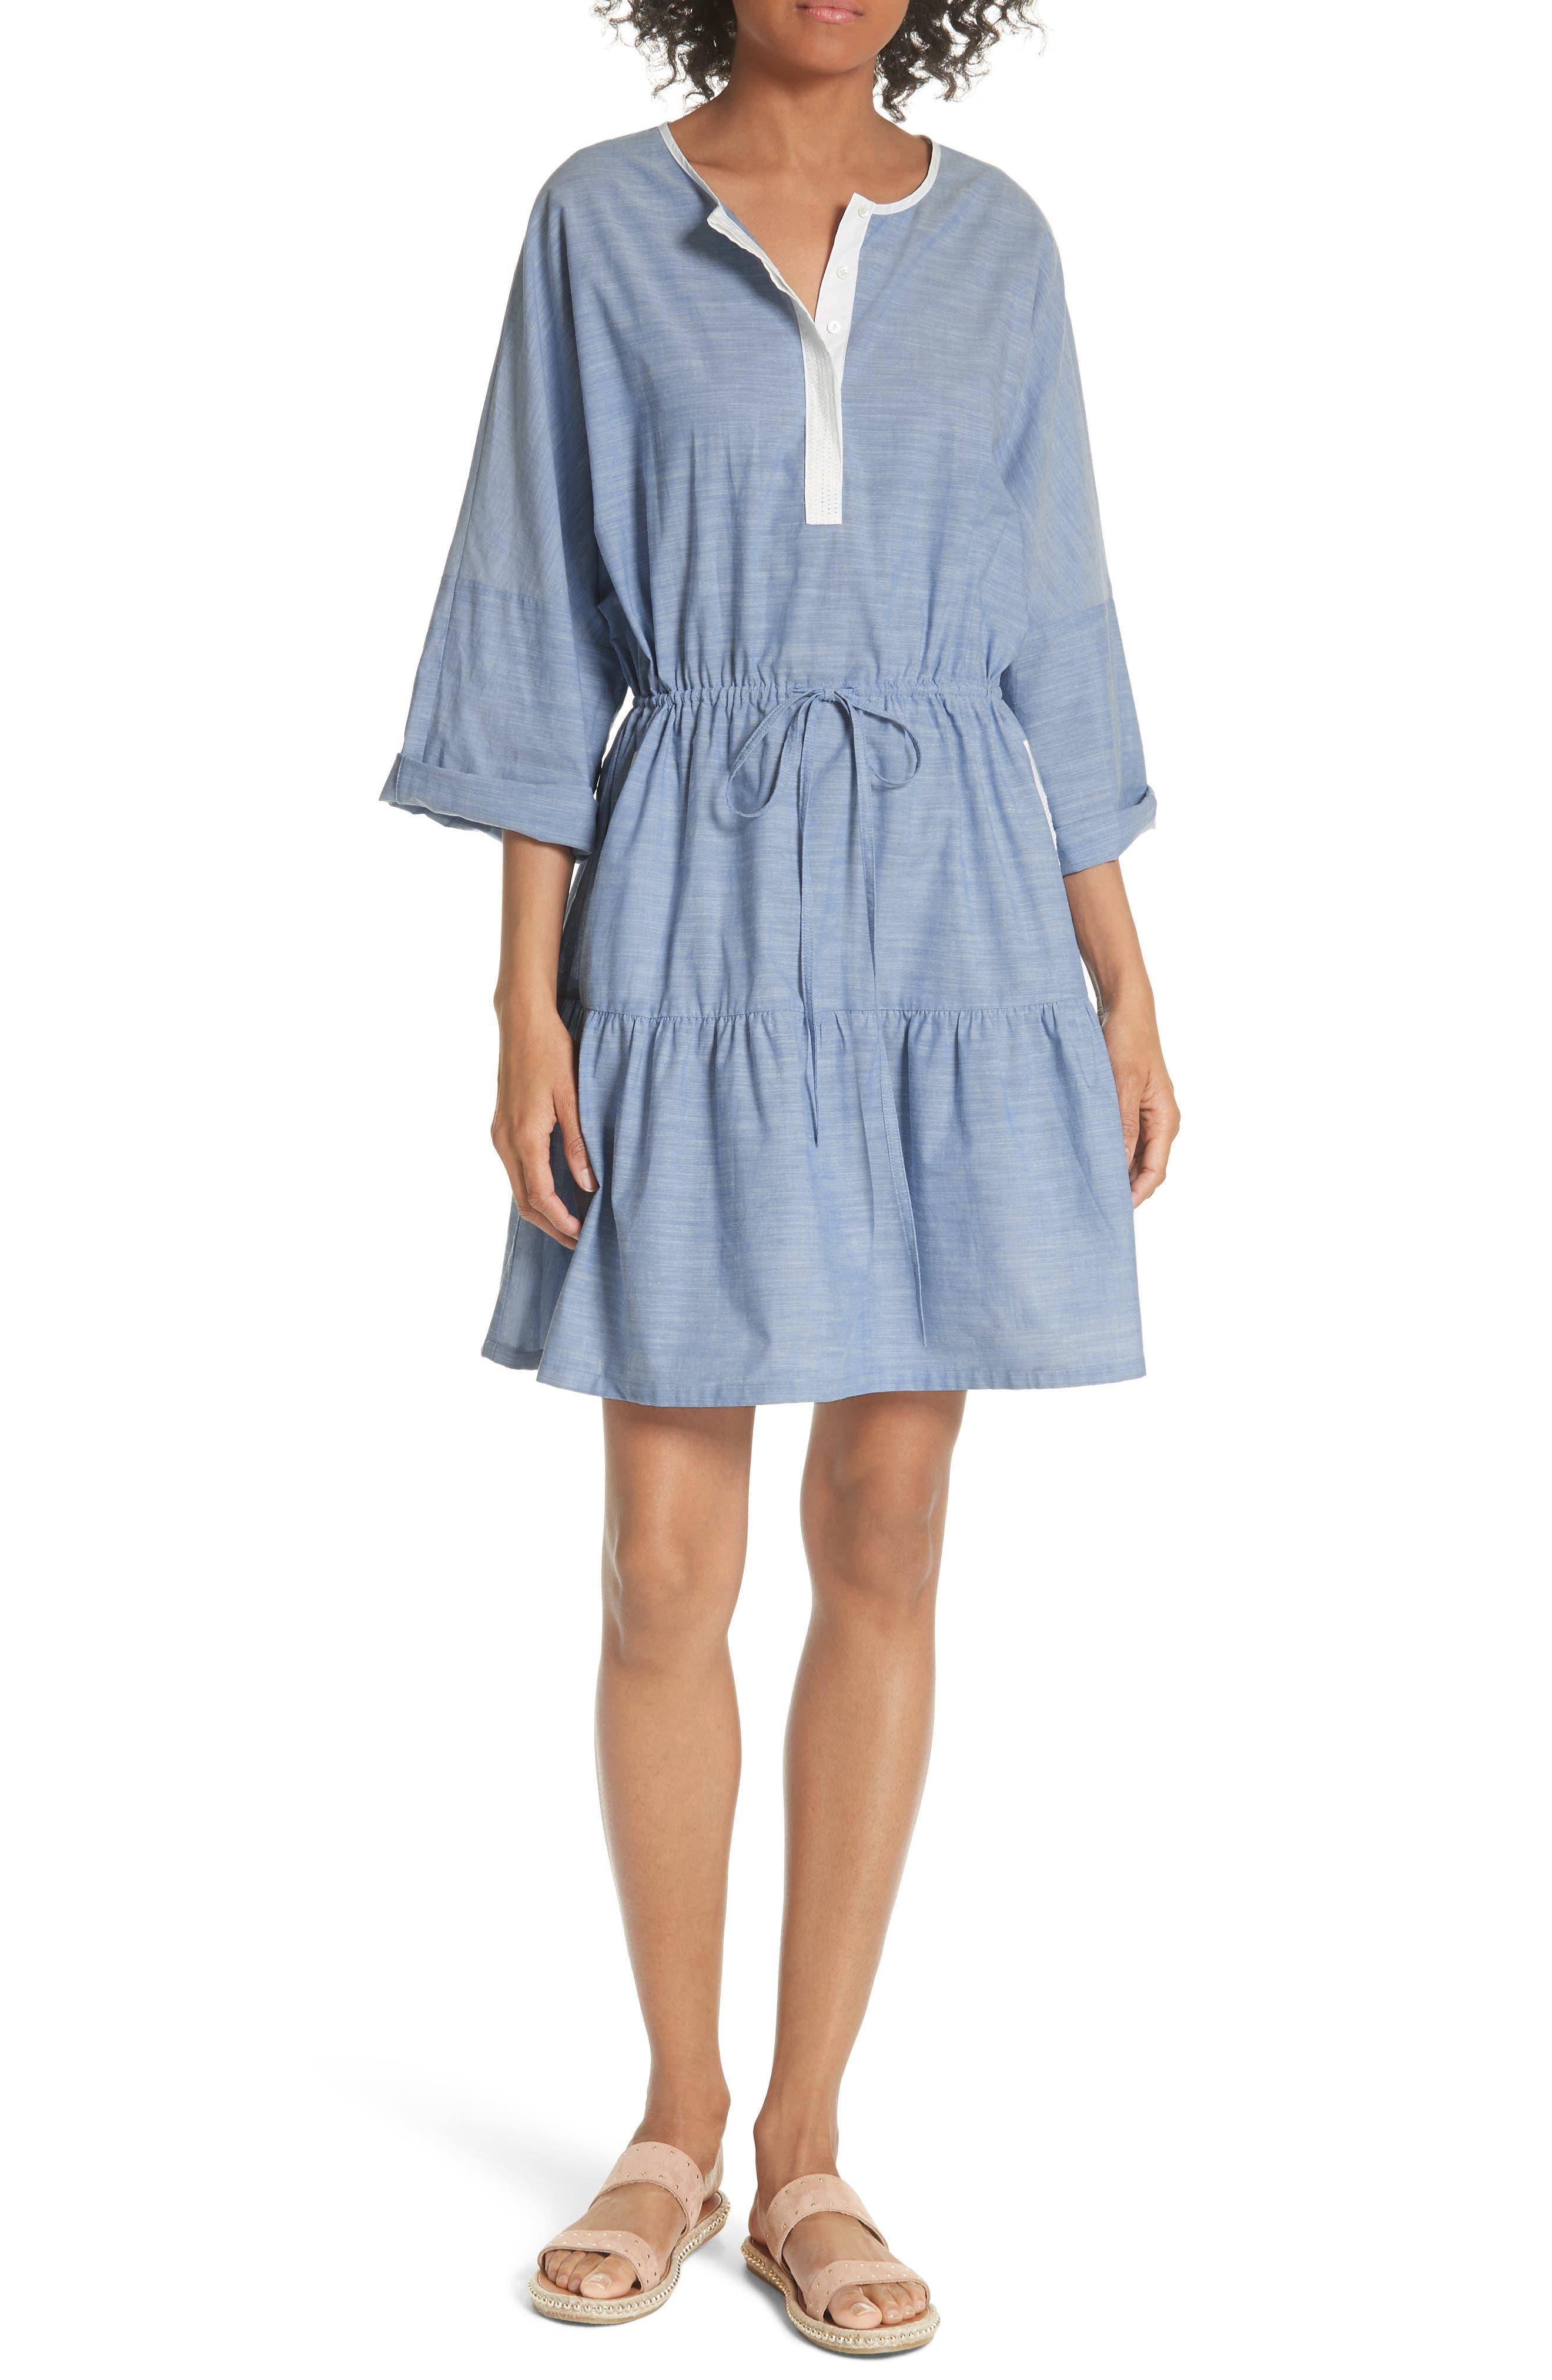 Ecidra Drawstring Waist Chambray Dress,                             Main thumbnail 1, color,                             CHAMBRAY PORCELAIN